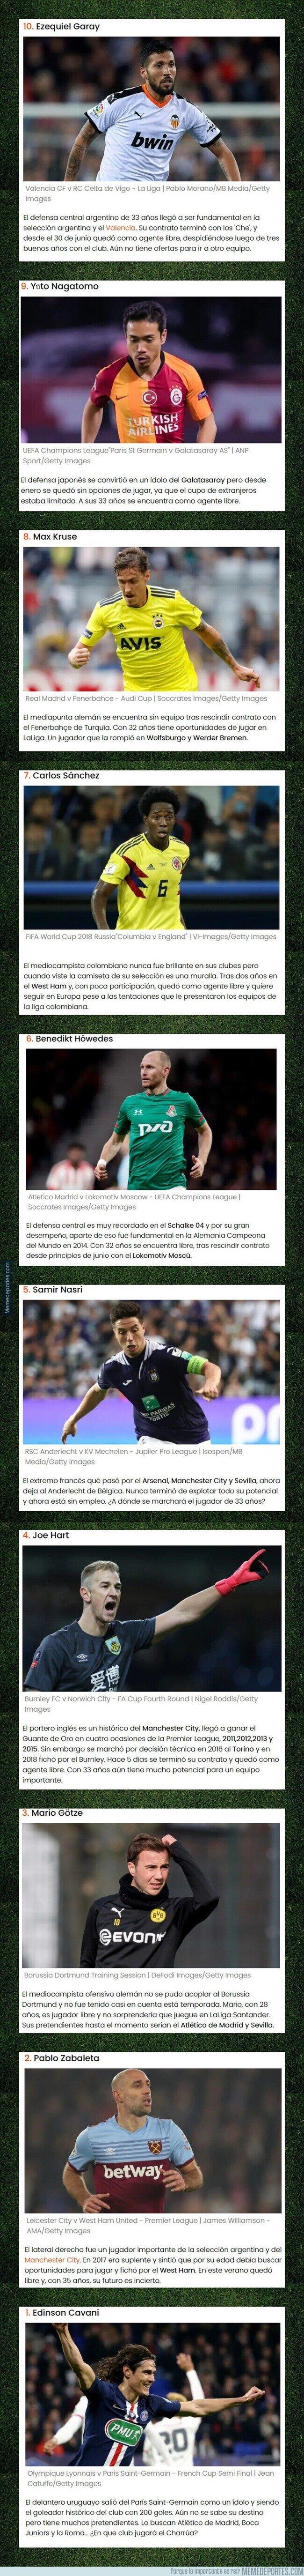 1108681 - 10 grandes futbolistas que actualmente se encuentran sin equipo